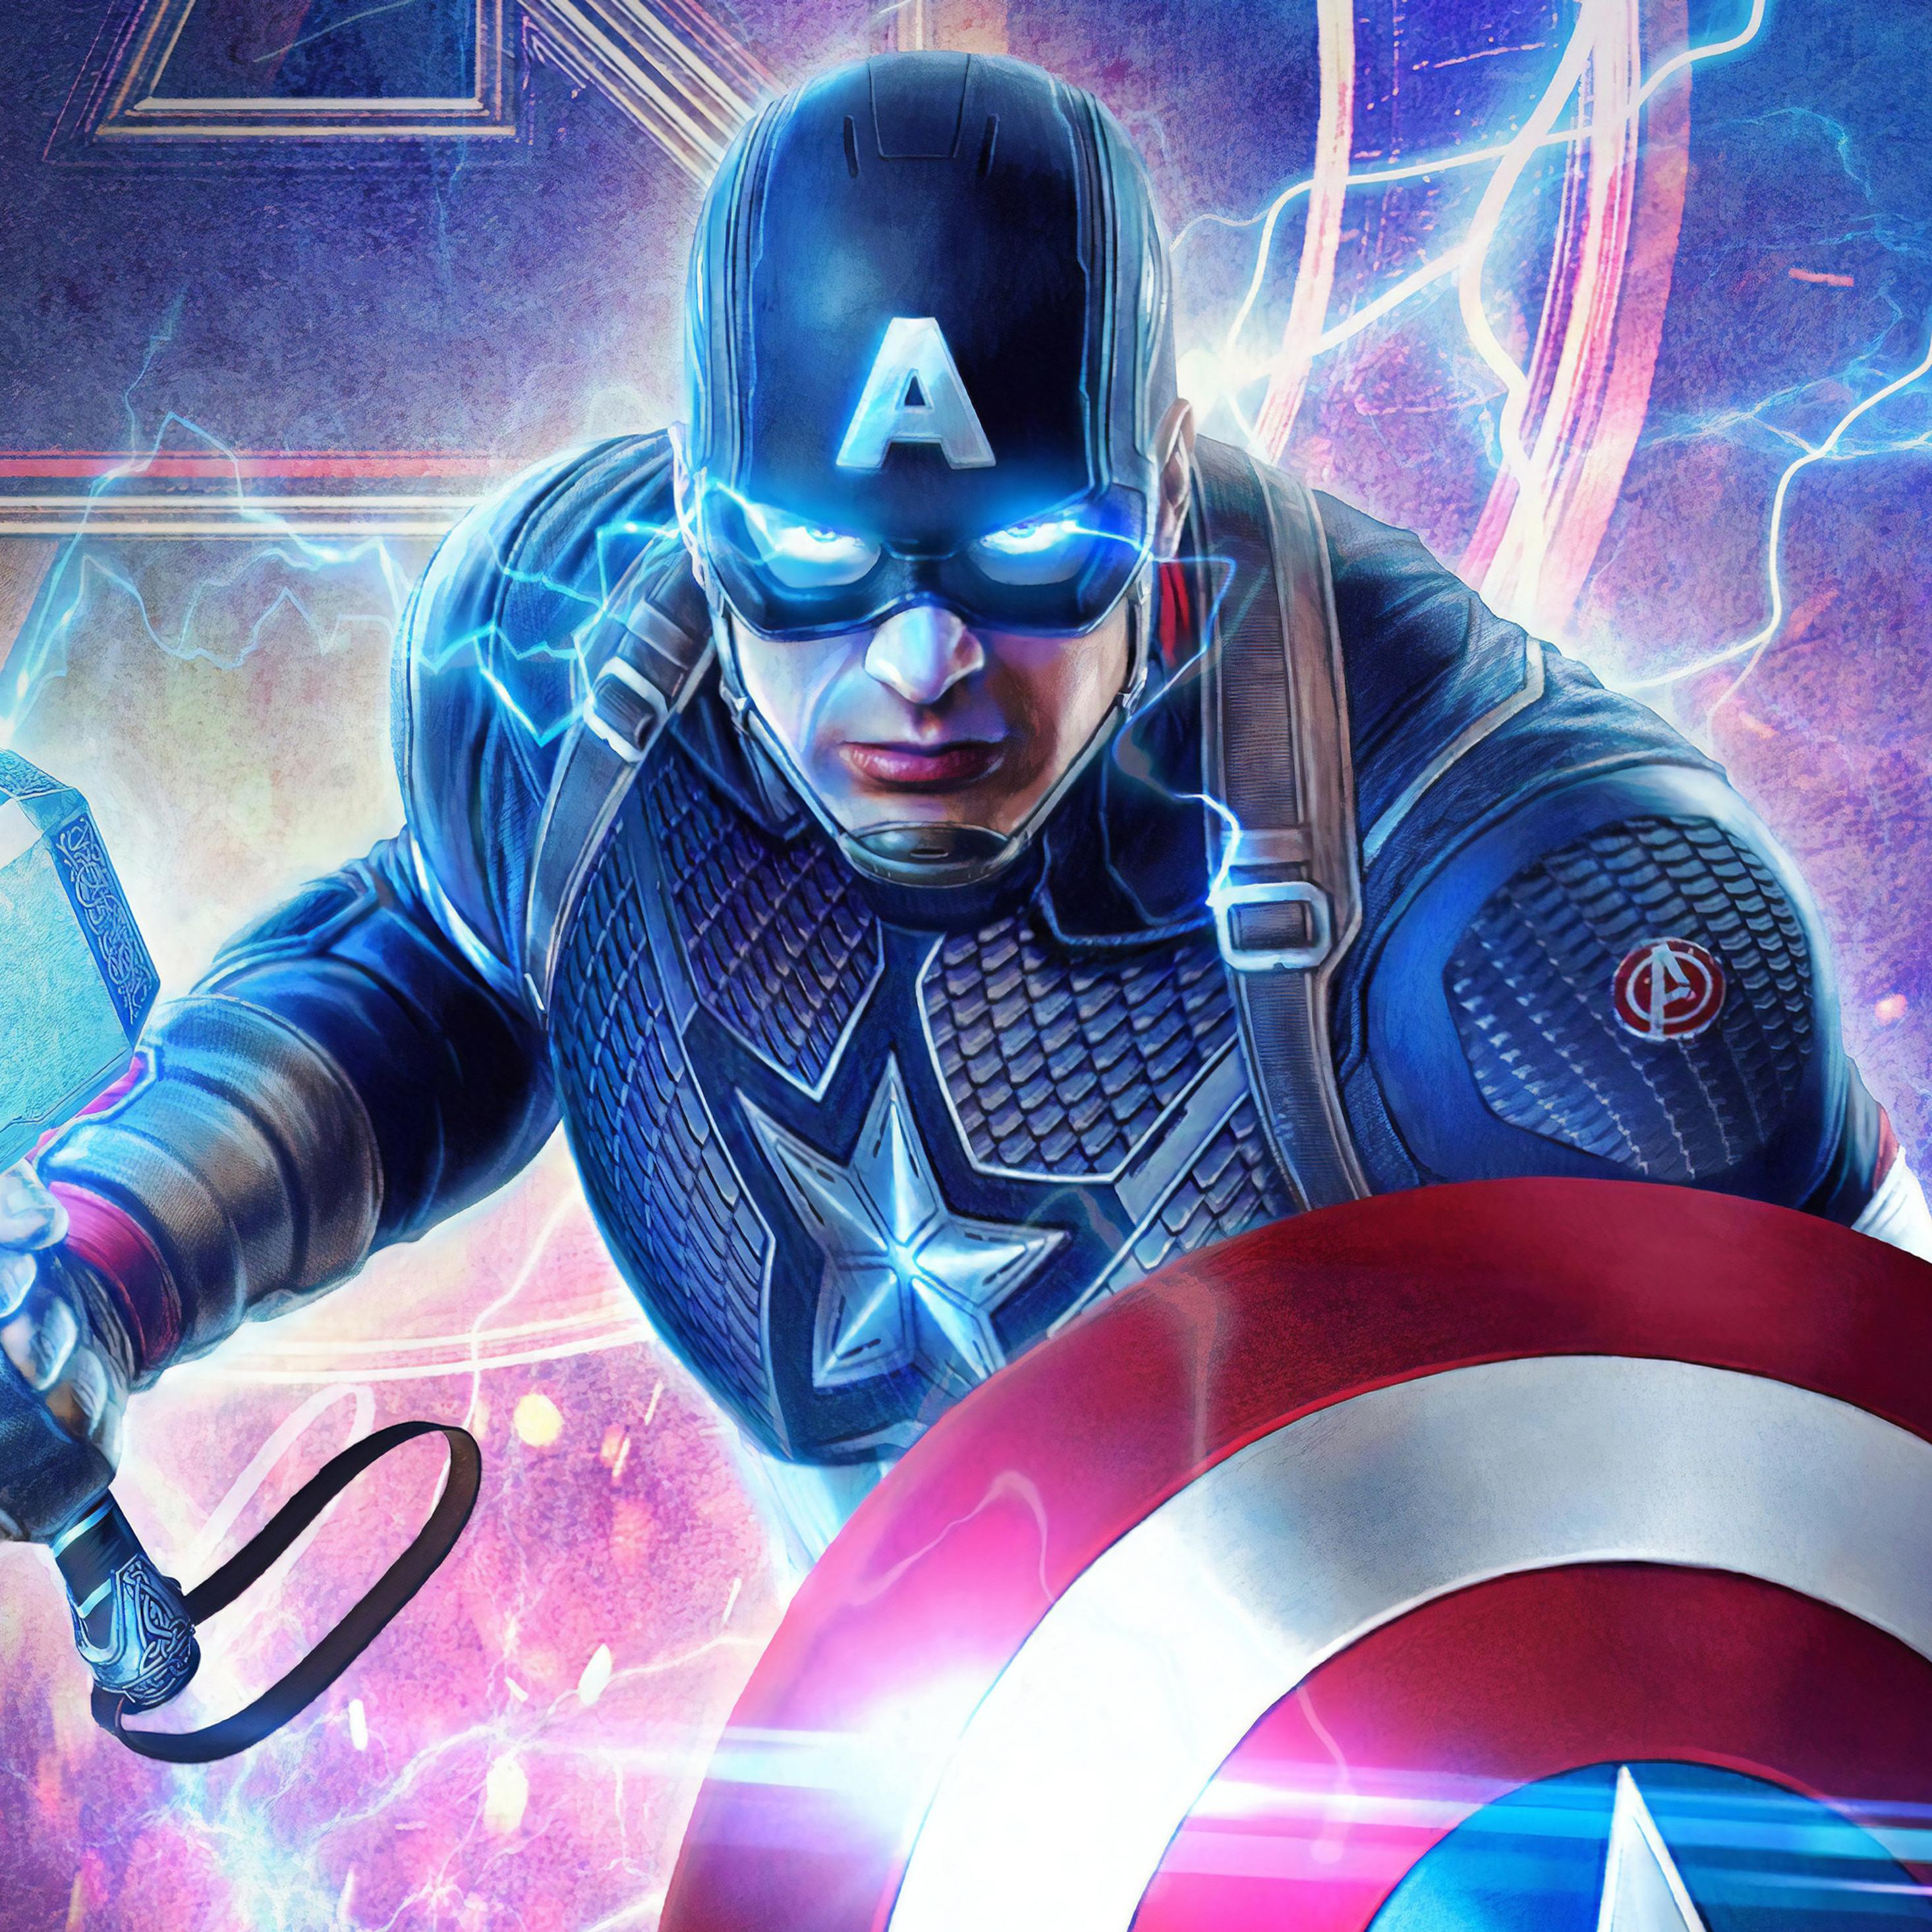 2932x2932 2019 Captain America Mjolnir Avengers Endgame 4k ...